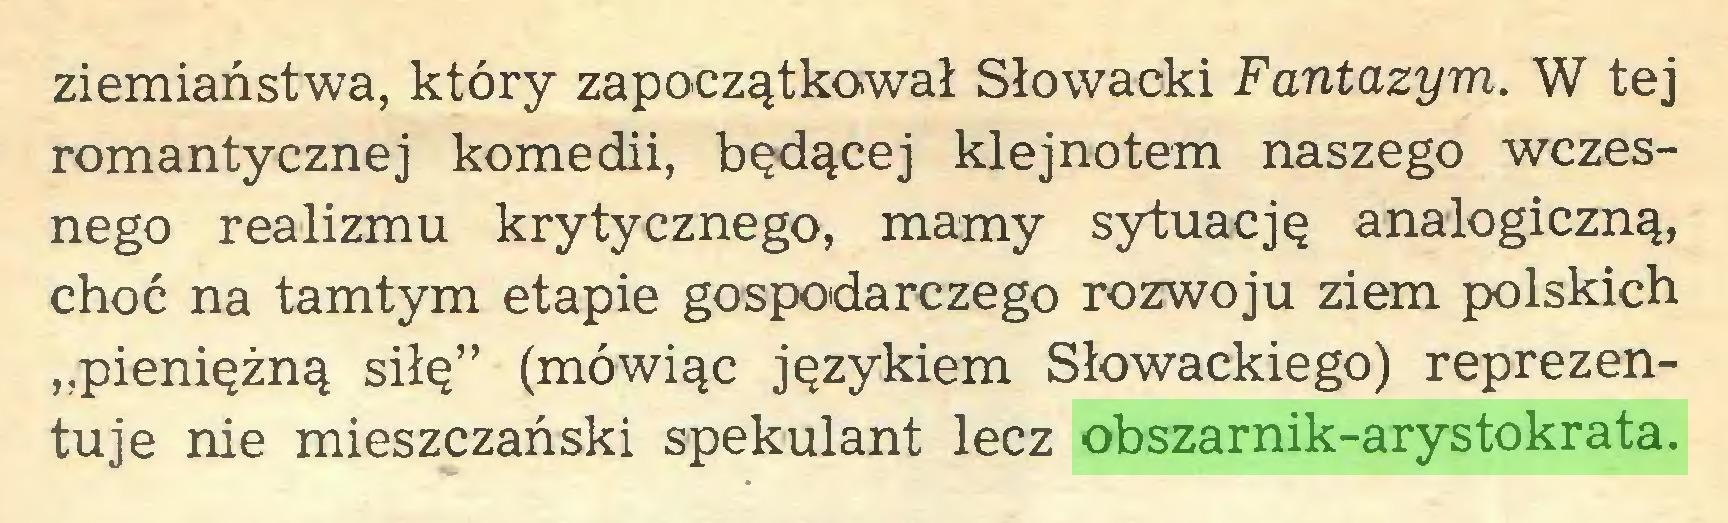 """(...) ziemiaństwa, który zapoczątkował Słowacki Fantazym. W tej romantycznej komedii, będącej klejnotem naszego wczesnego realizmu krytycznego, mamy sytuację analogiczną, choć na tamtym etapie gospodarczego rozwoju ziem polskich """"pieniężną siłę"""" (mówiąc językiem Słowackiego) reprezentuje nie mieszczański spekulant lecz obszarnik-arystokrata..."""